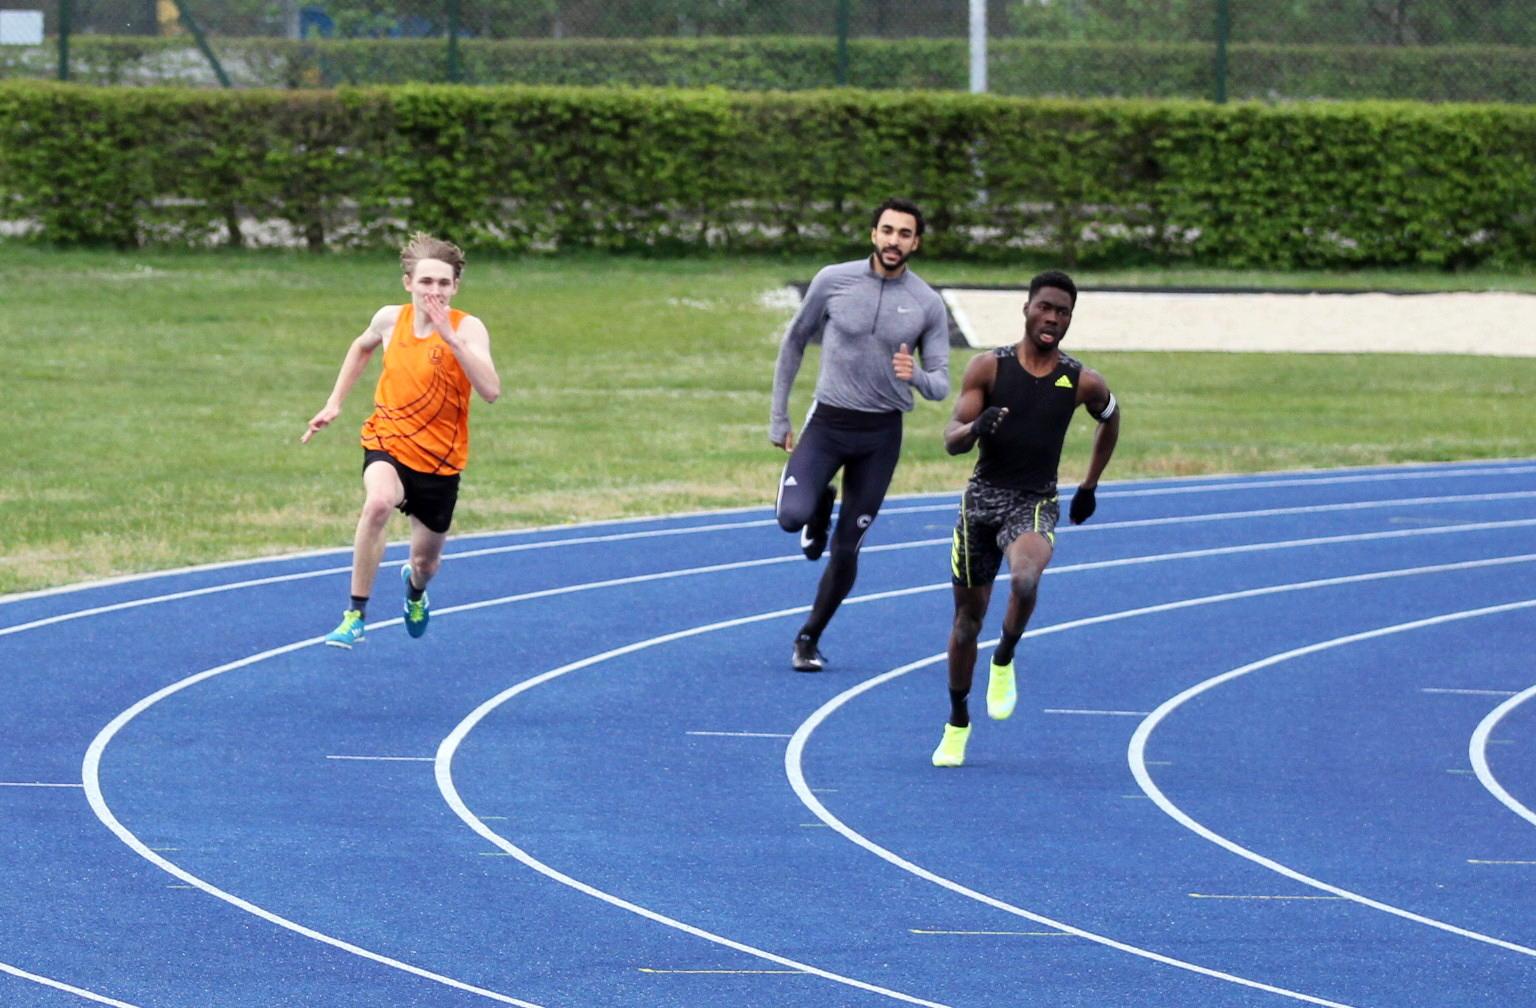 Till Czisnik (U20) erzielt verbessert eine 400 m Bestleistung auf 50,46 Sekunden